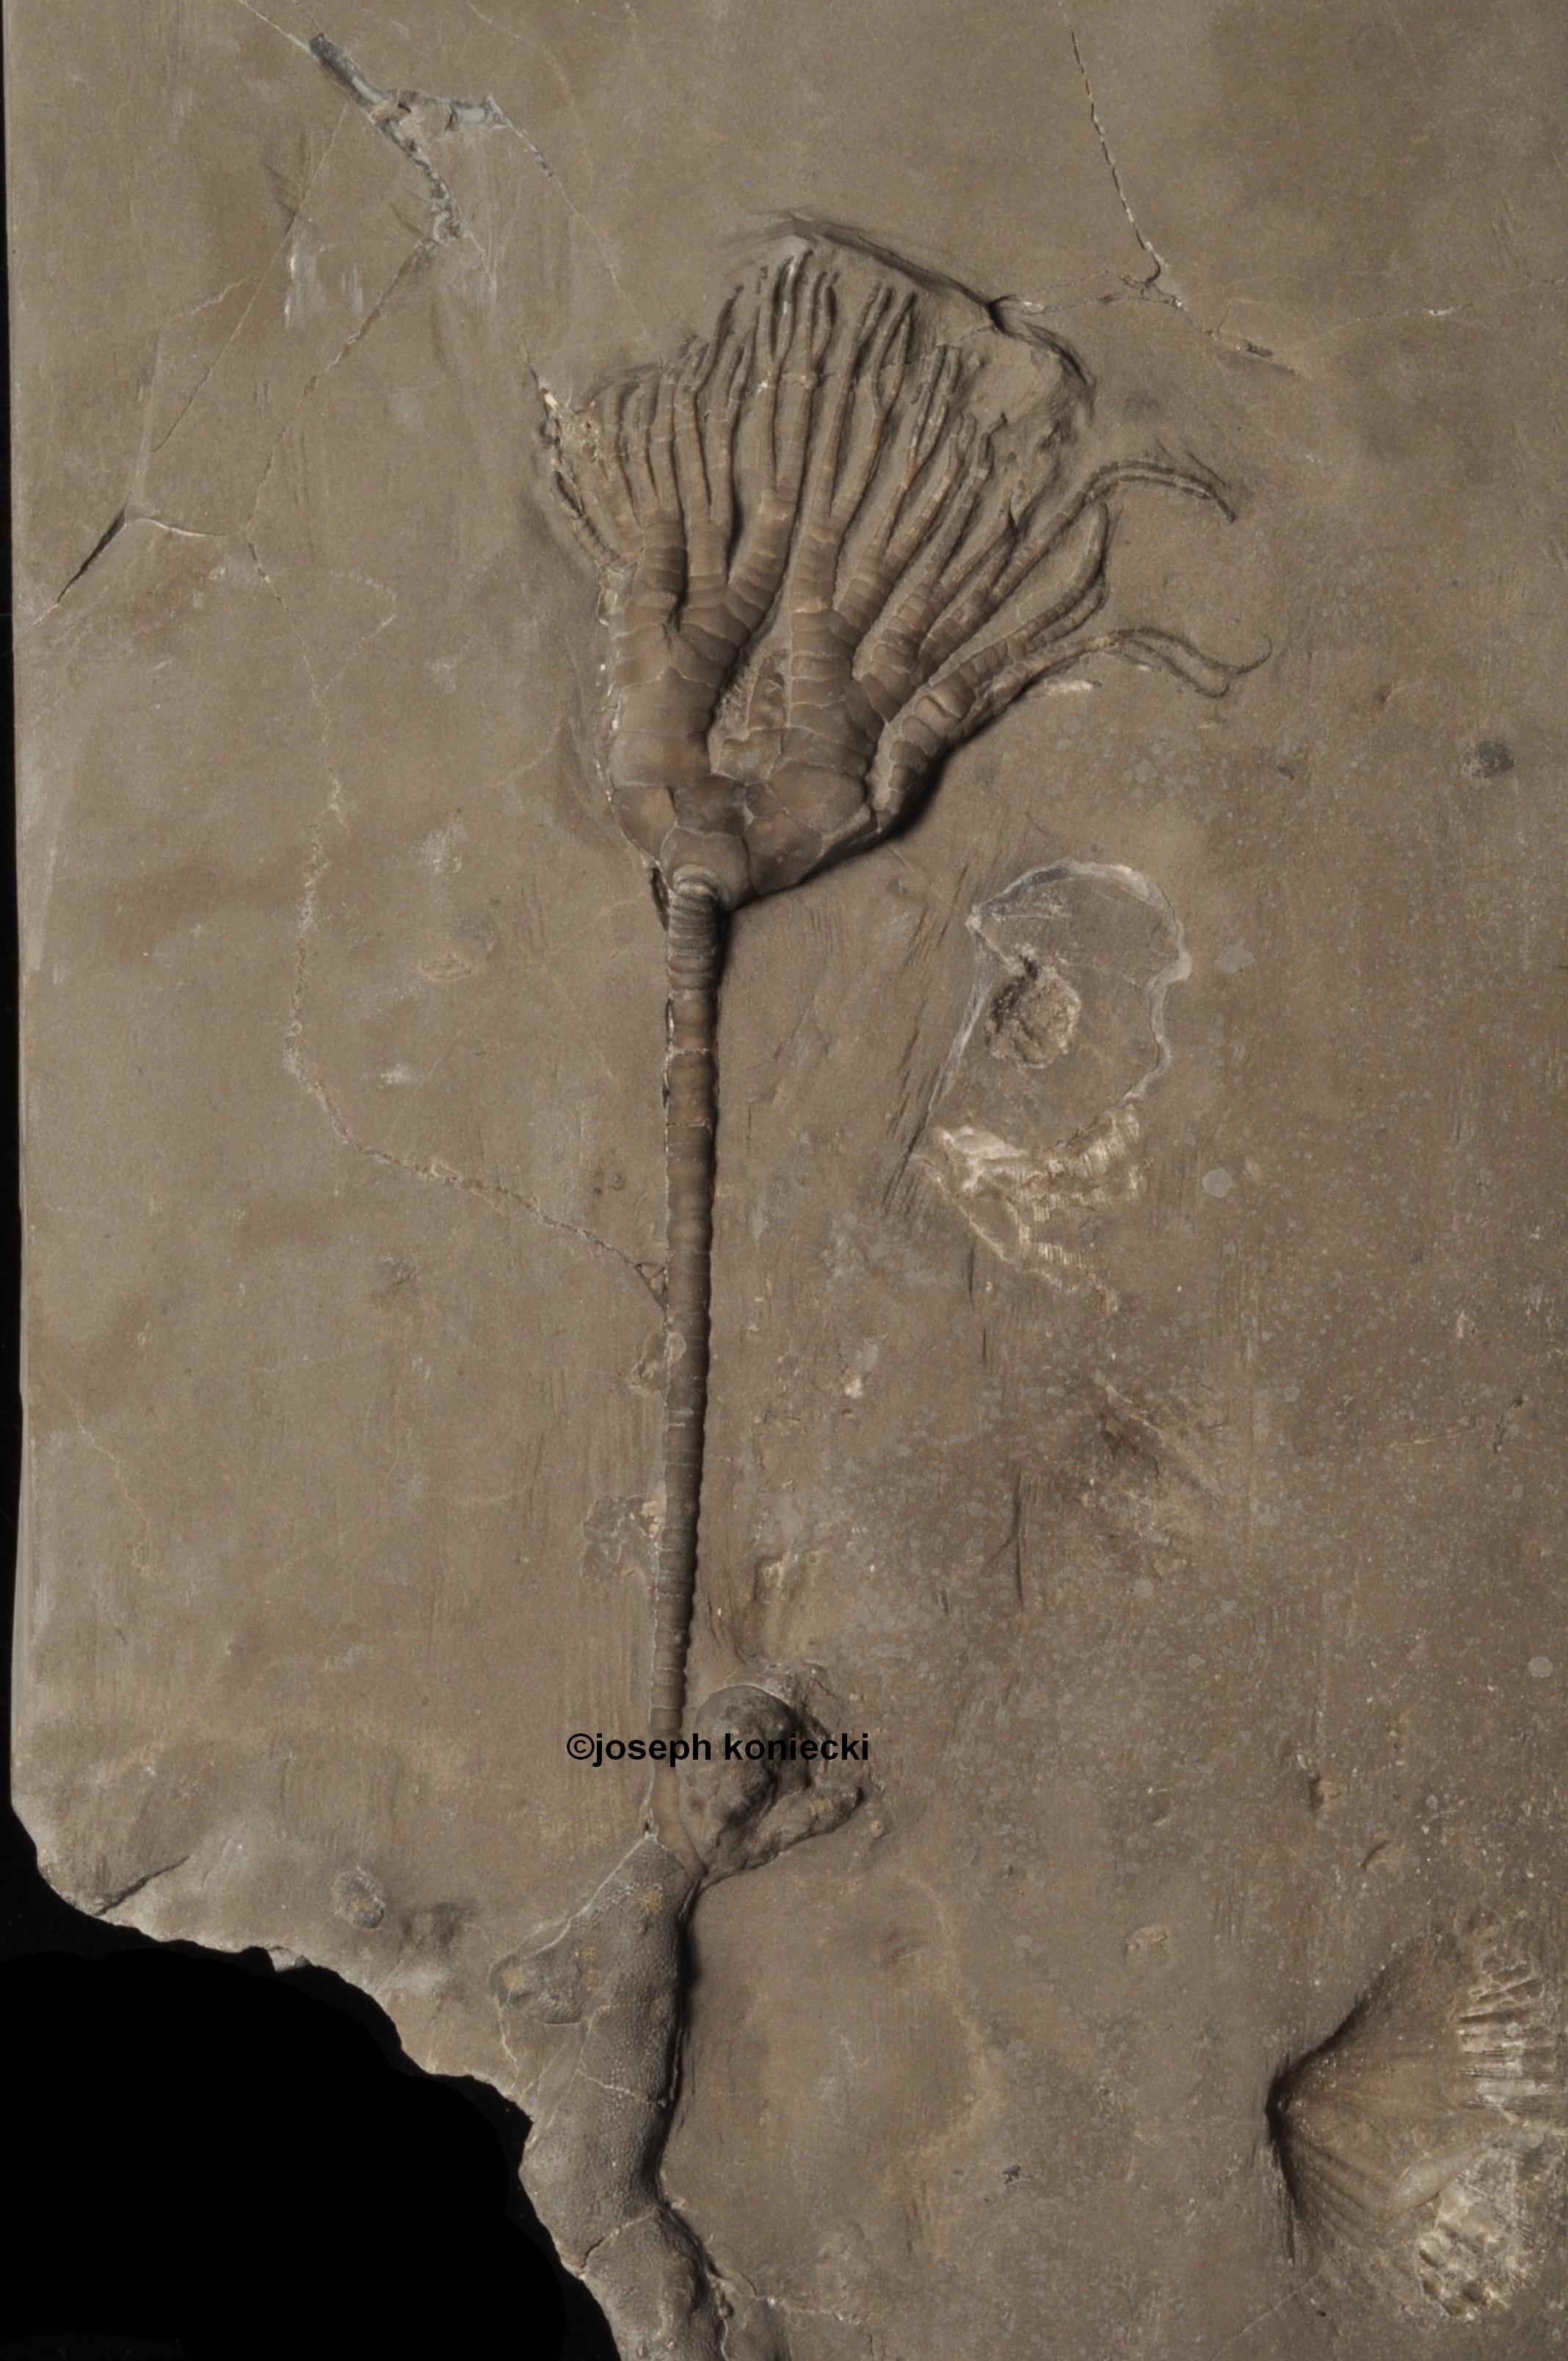 Asaphocrinus